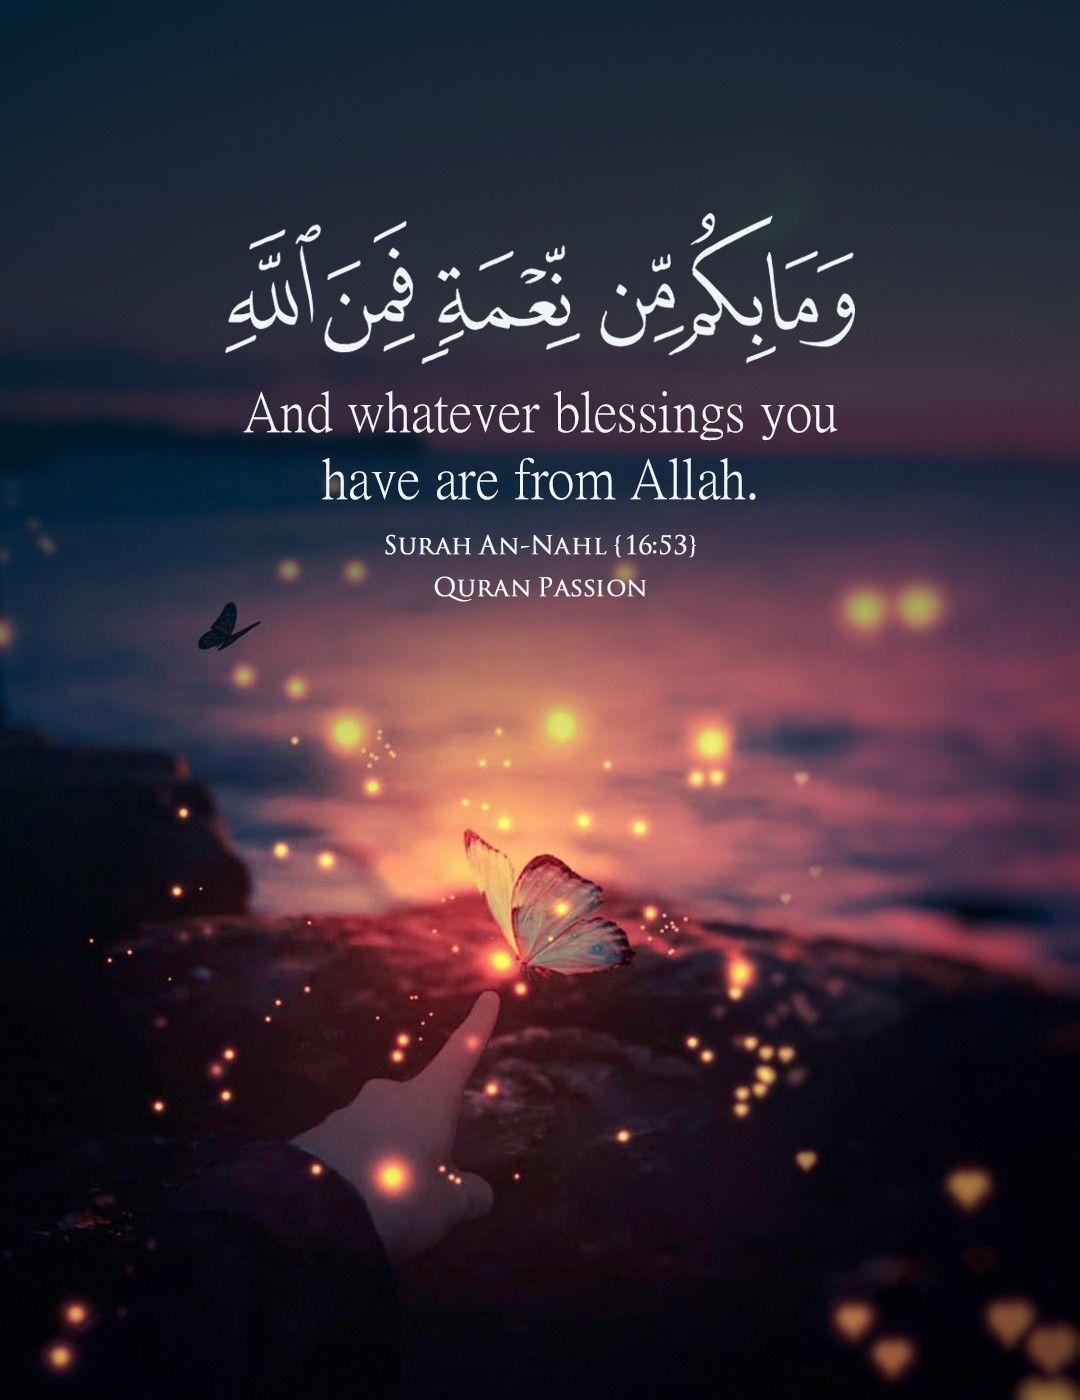 ومابكم من نعمة فمن الله الحمدلله على نعمه التي لا تعد ولا تحصى Quran Quotes Inspirational Islamic Quotes Quran Photo Quotes